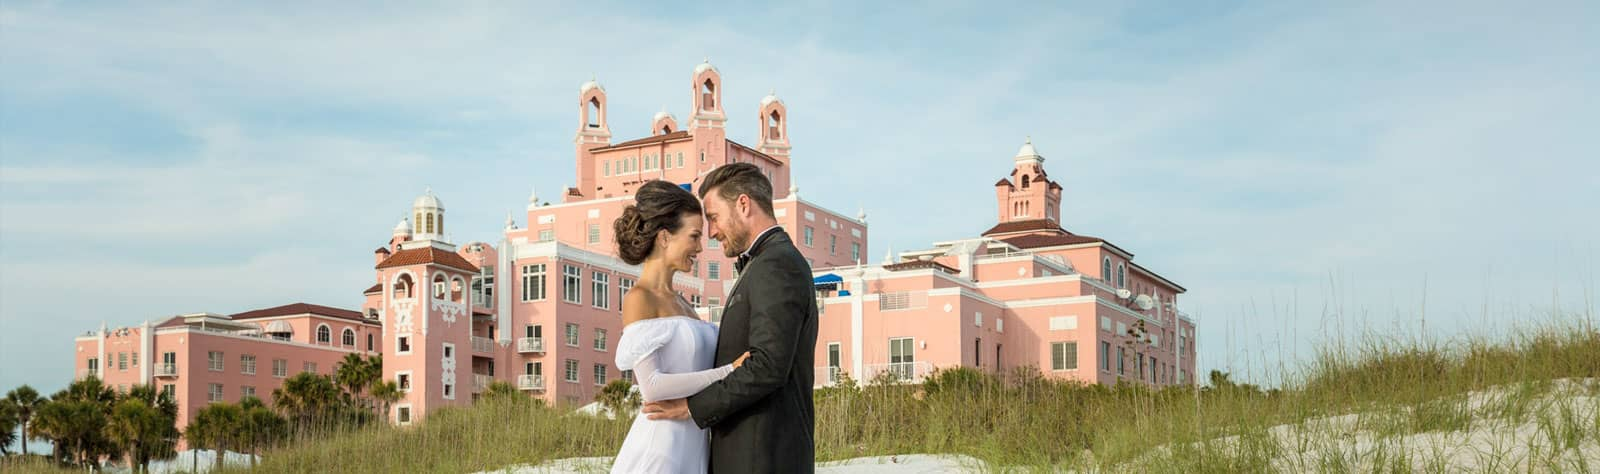 Weddings & Meetings in Florida Hotel